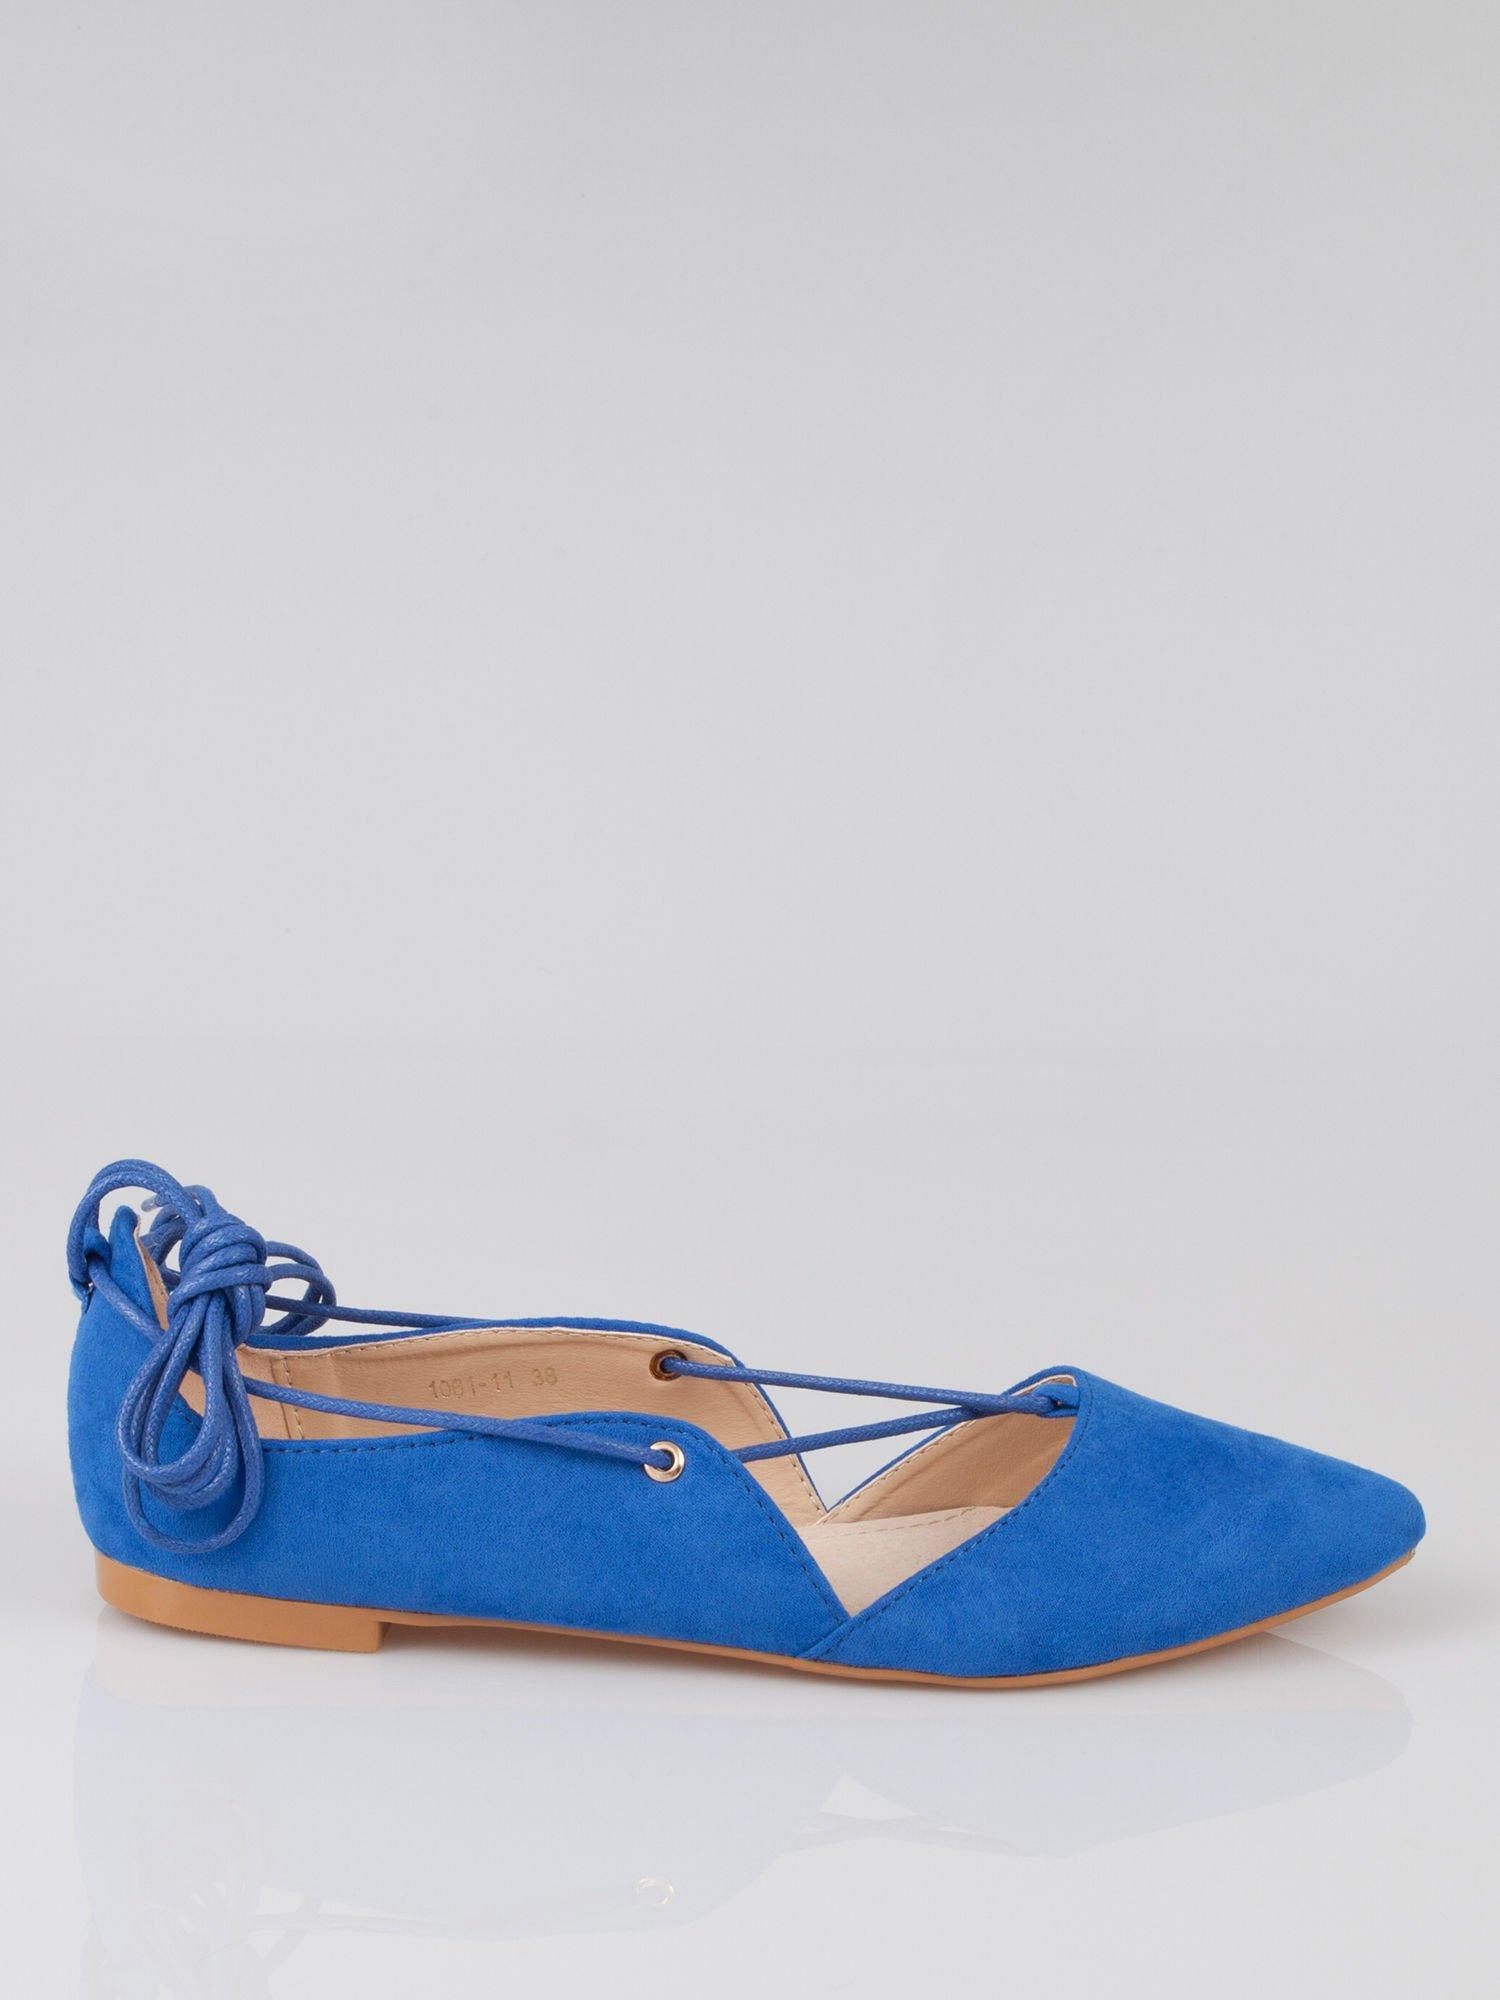 Niebieskie zamszowe wiązane baleriny faux suede lace up                                  zdj.                                  1